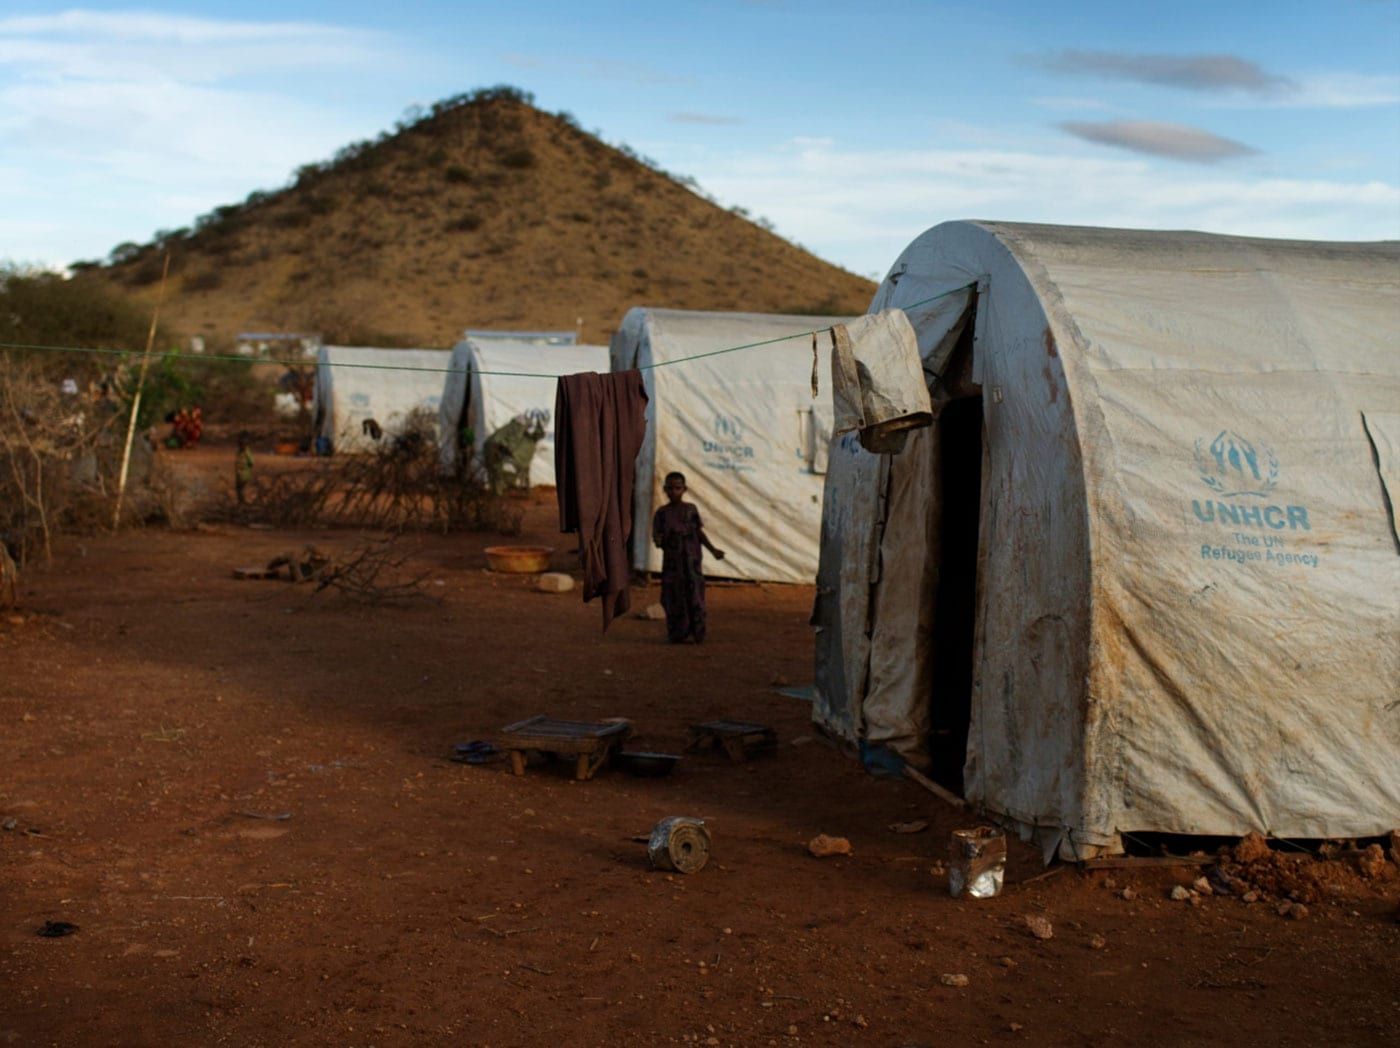 Smejúci sa chlapec z tábora pre deti bez domova, ktorý riadi partnerská organizácia Save the Children Retrak v hlavnom meste Etiópie Addis Ababa.